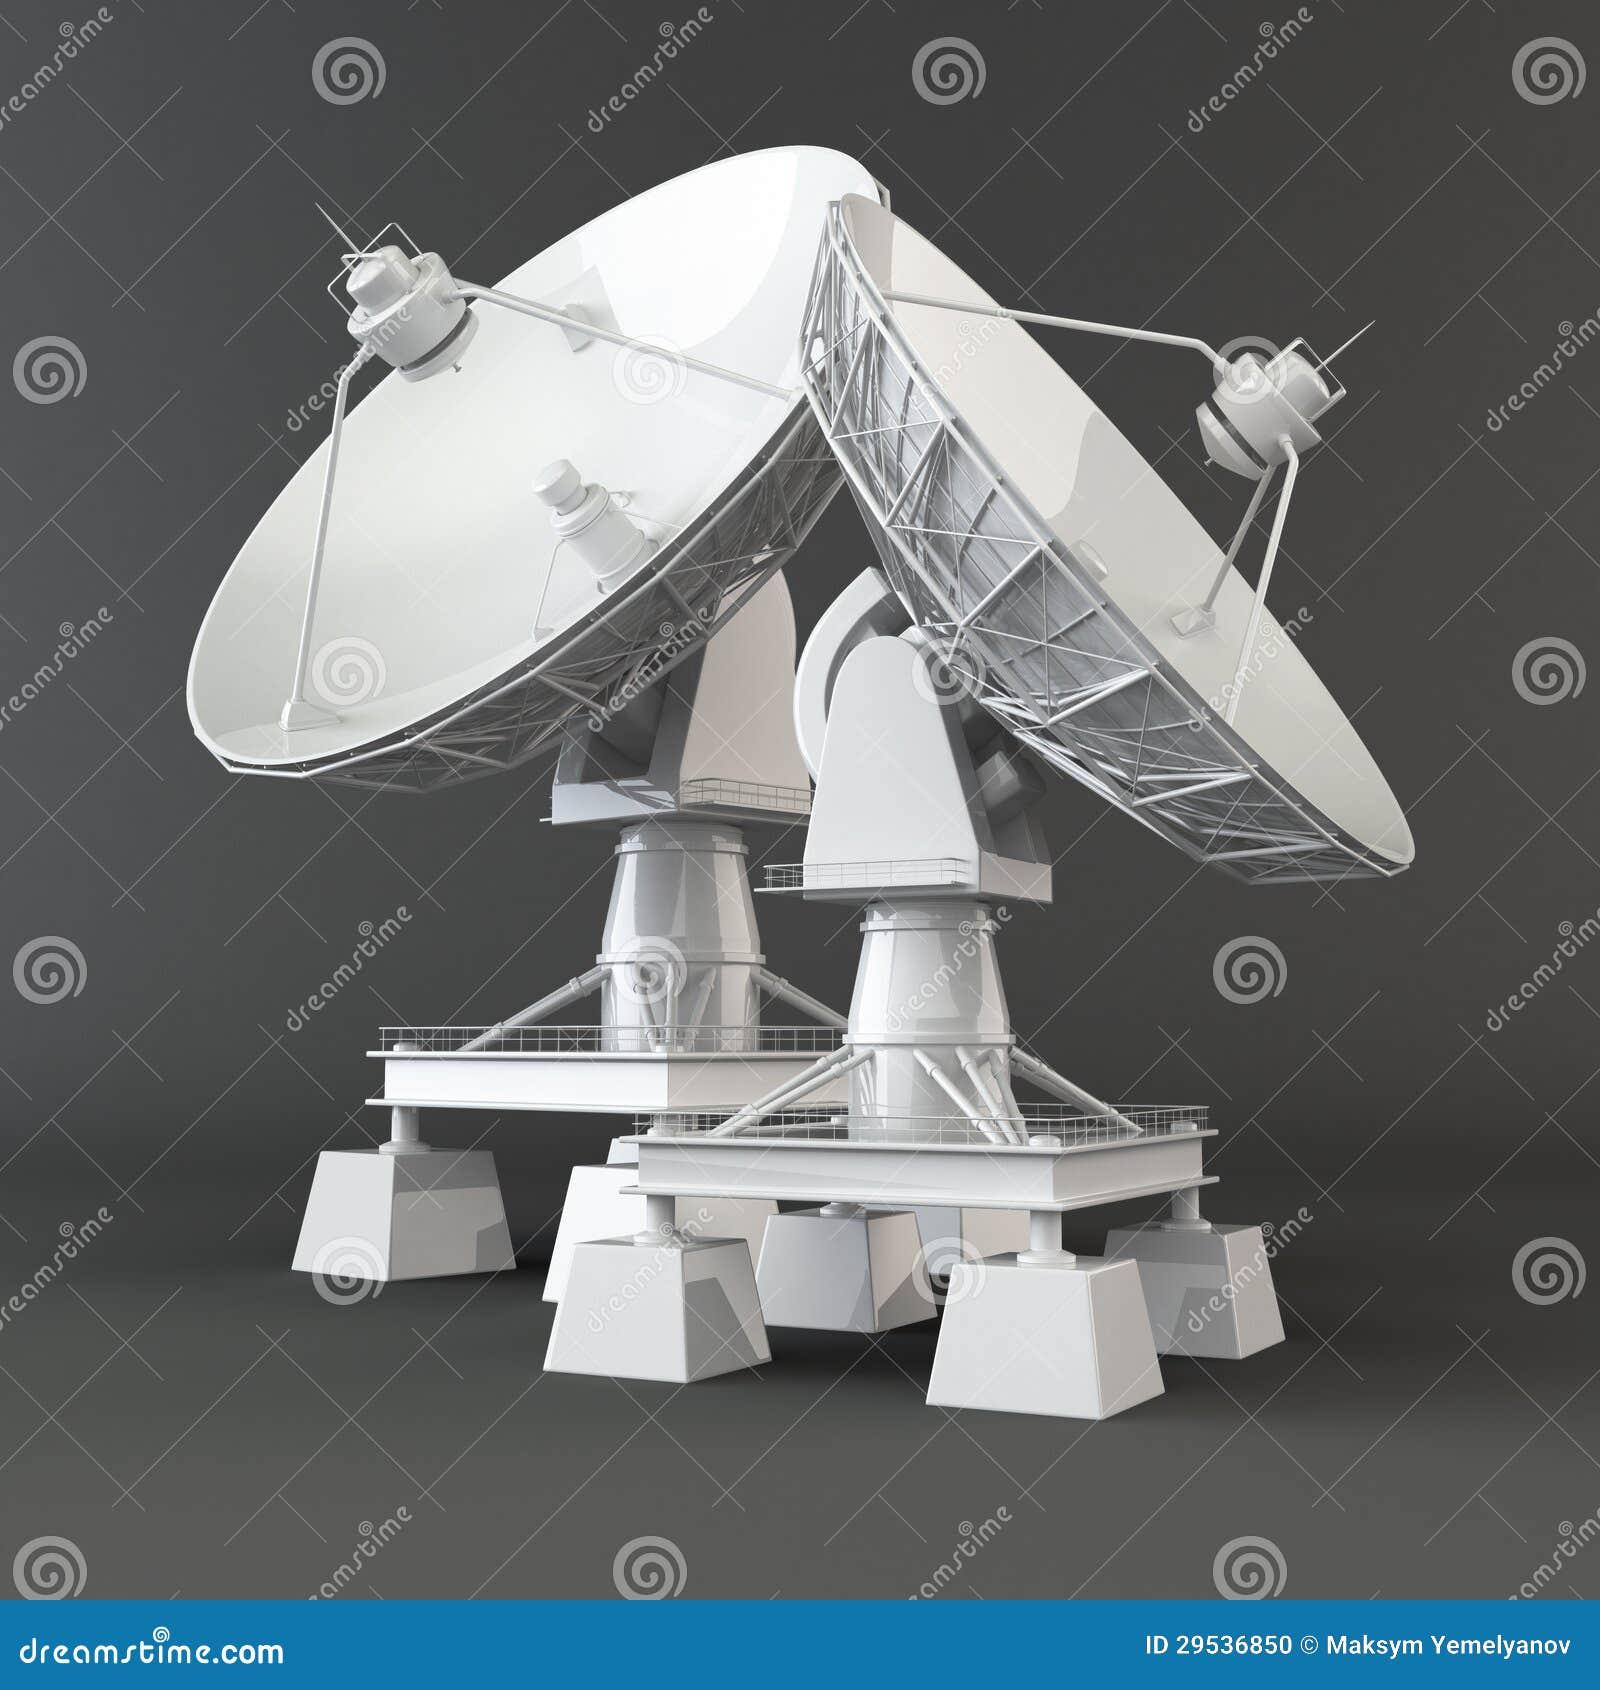 Communiation. Antena parabólica. 3d